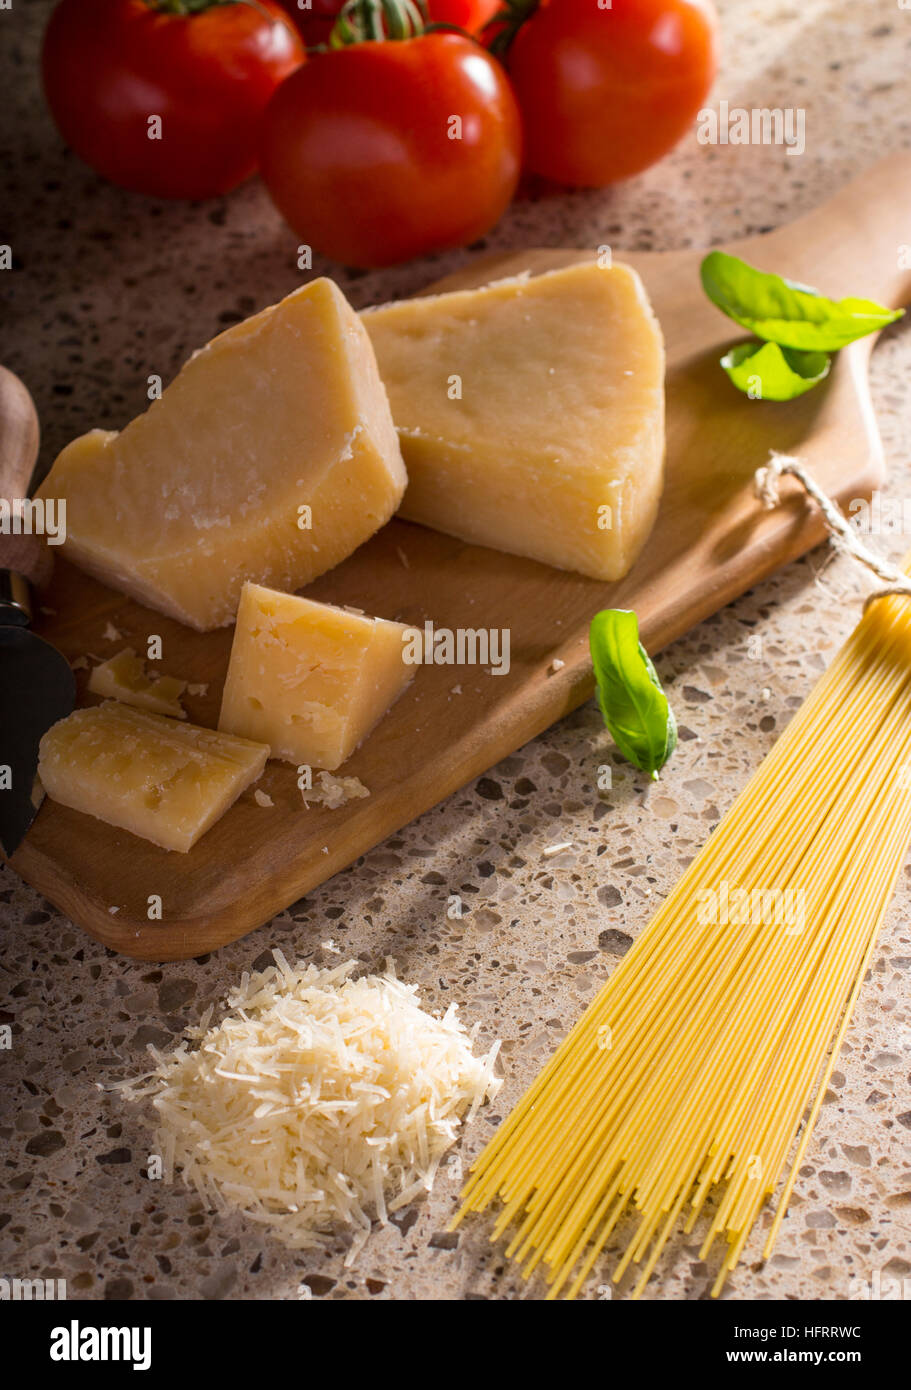 Blocs de fromage Parmesan avec les tomates, les feuilles de basilic, pâtes, et de fromage râpé Photo Stock